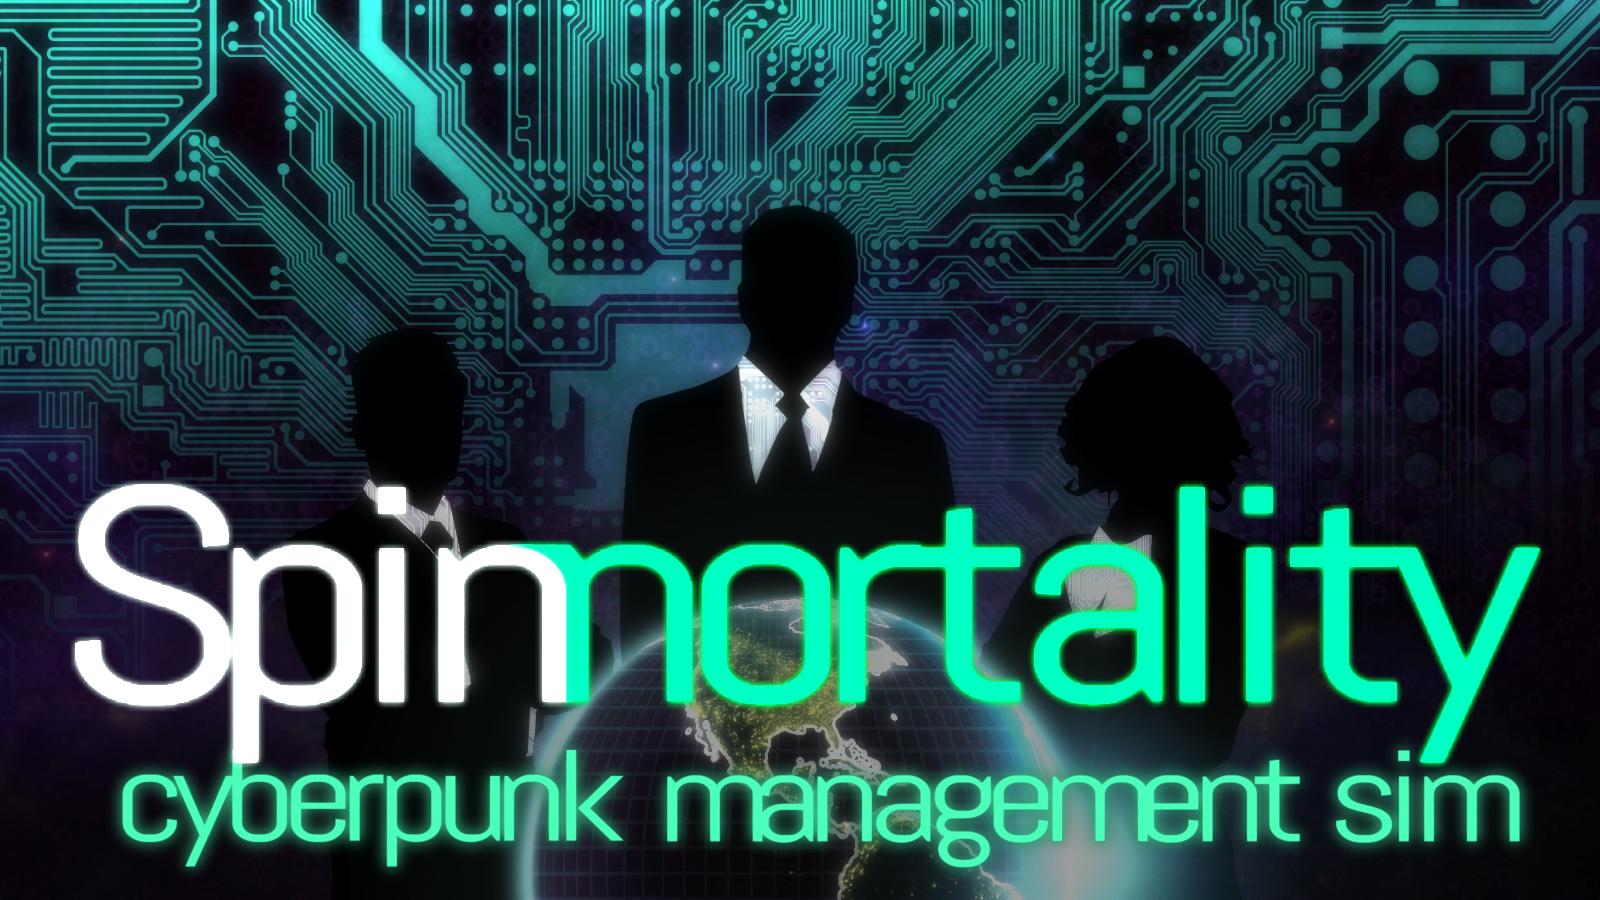 This cyberpunk sim took 3 years to make.